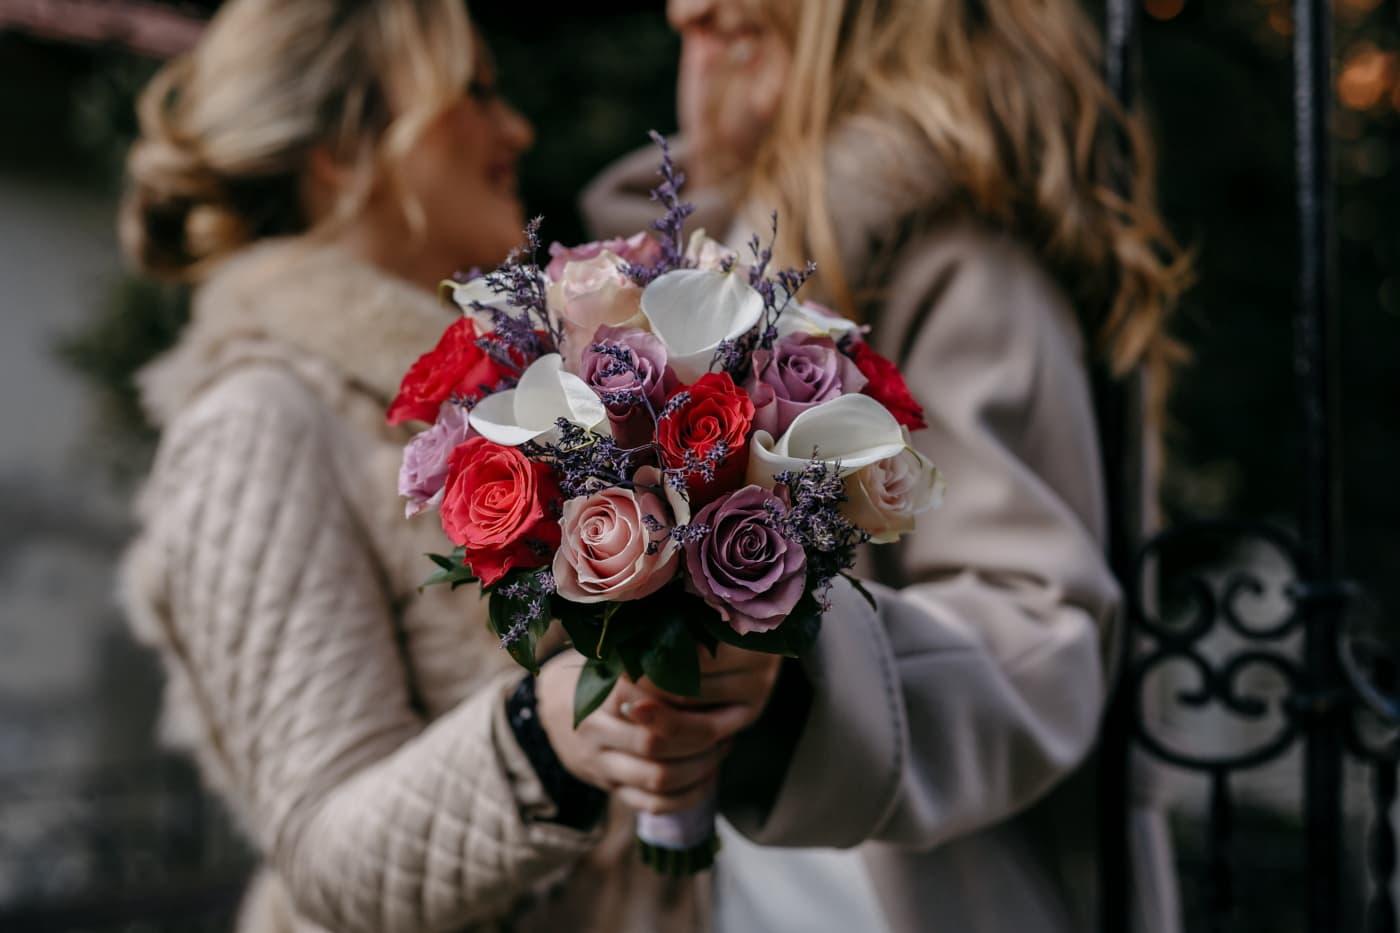 des roses, bouquet, romantique, tendresse, émotion, petite amie, jeunes filles, Rose, amour, femme